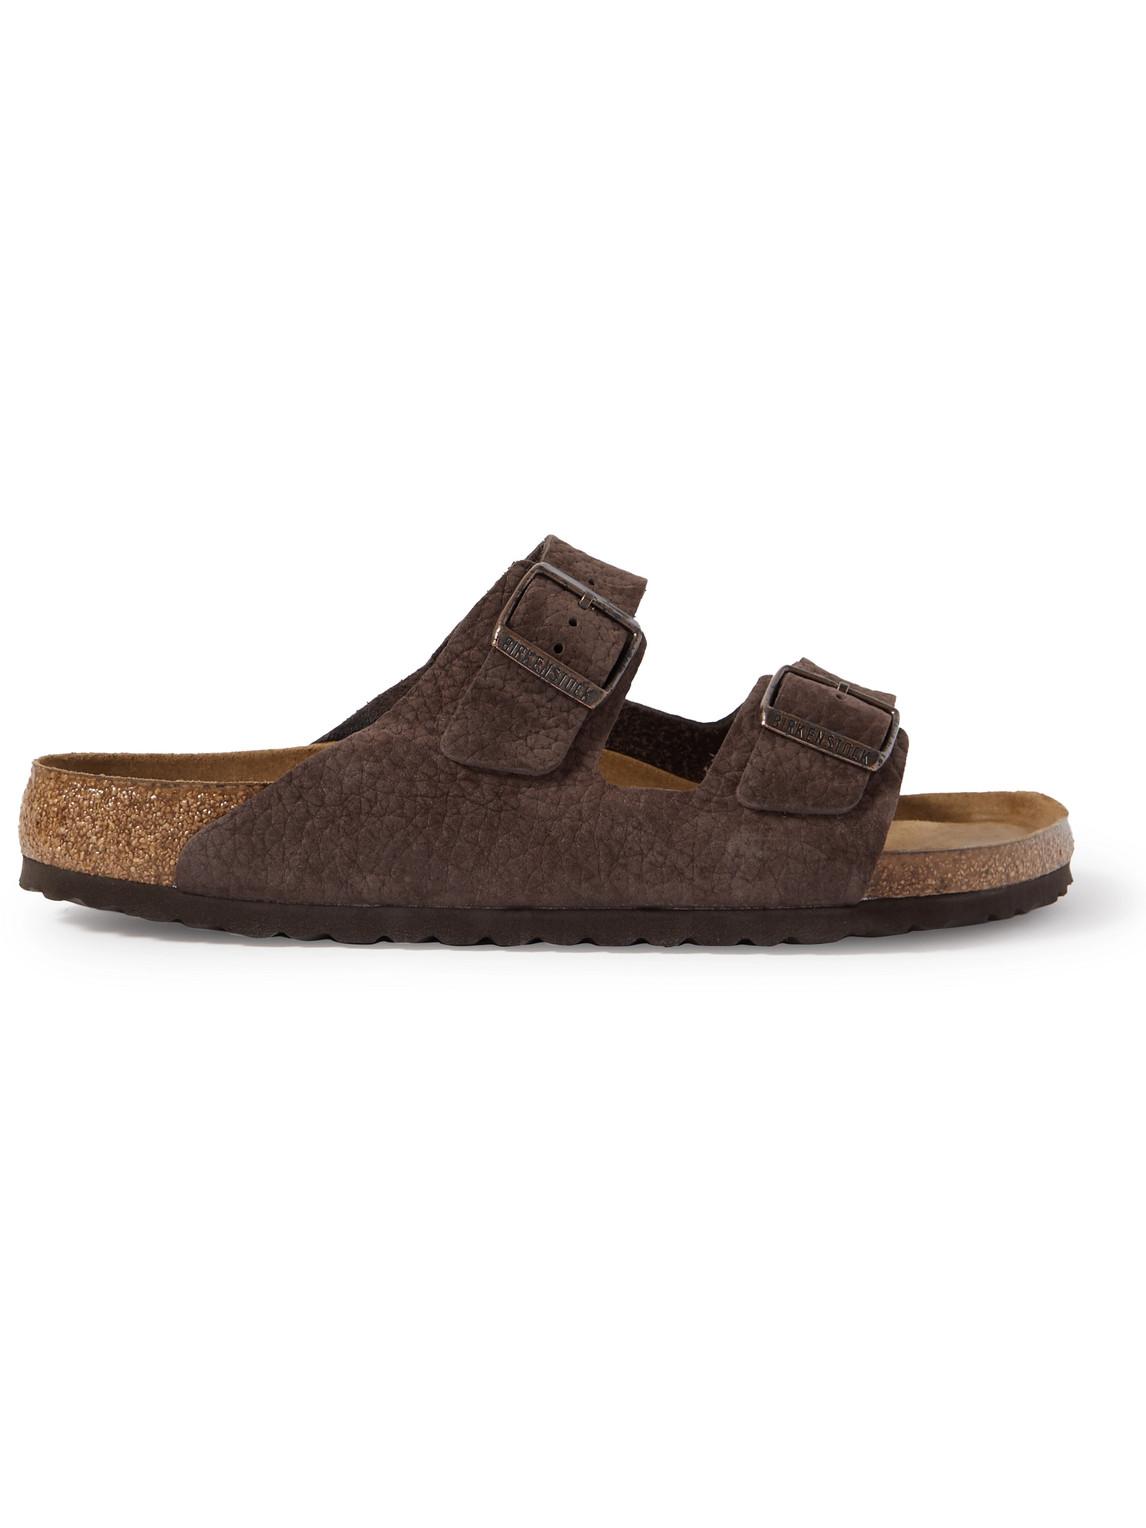 Birkenstock Arizona Textured-suede Sandals In Neutrals